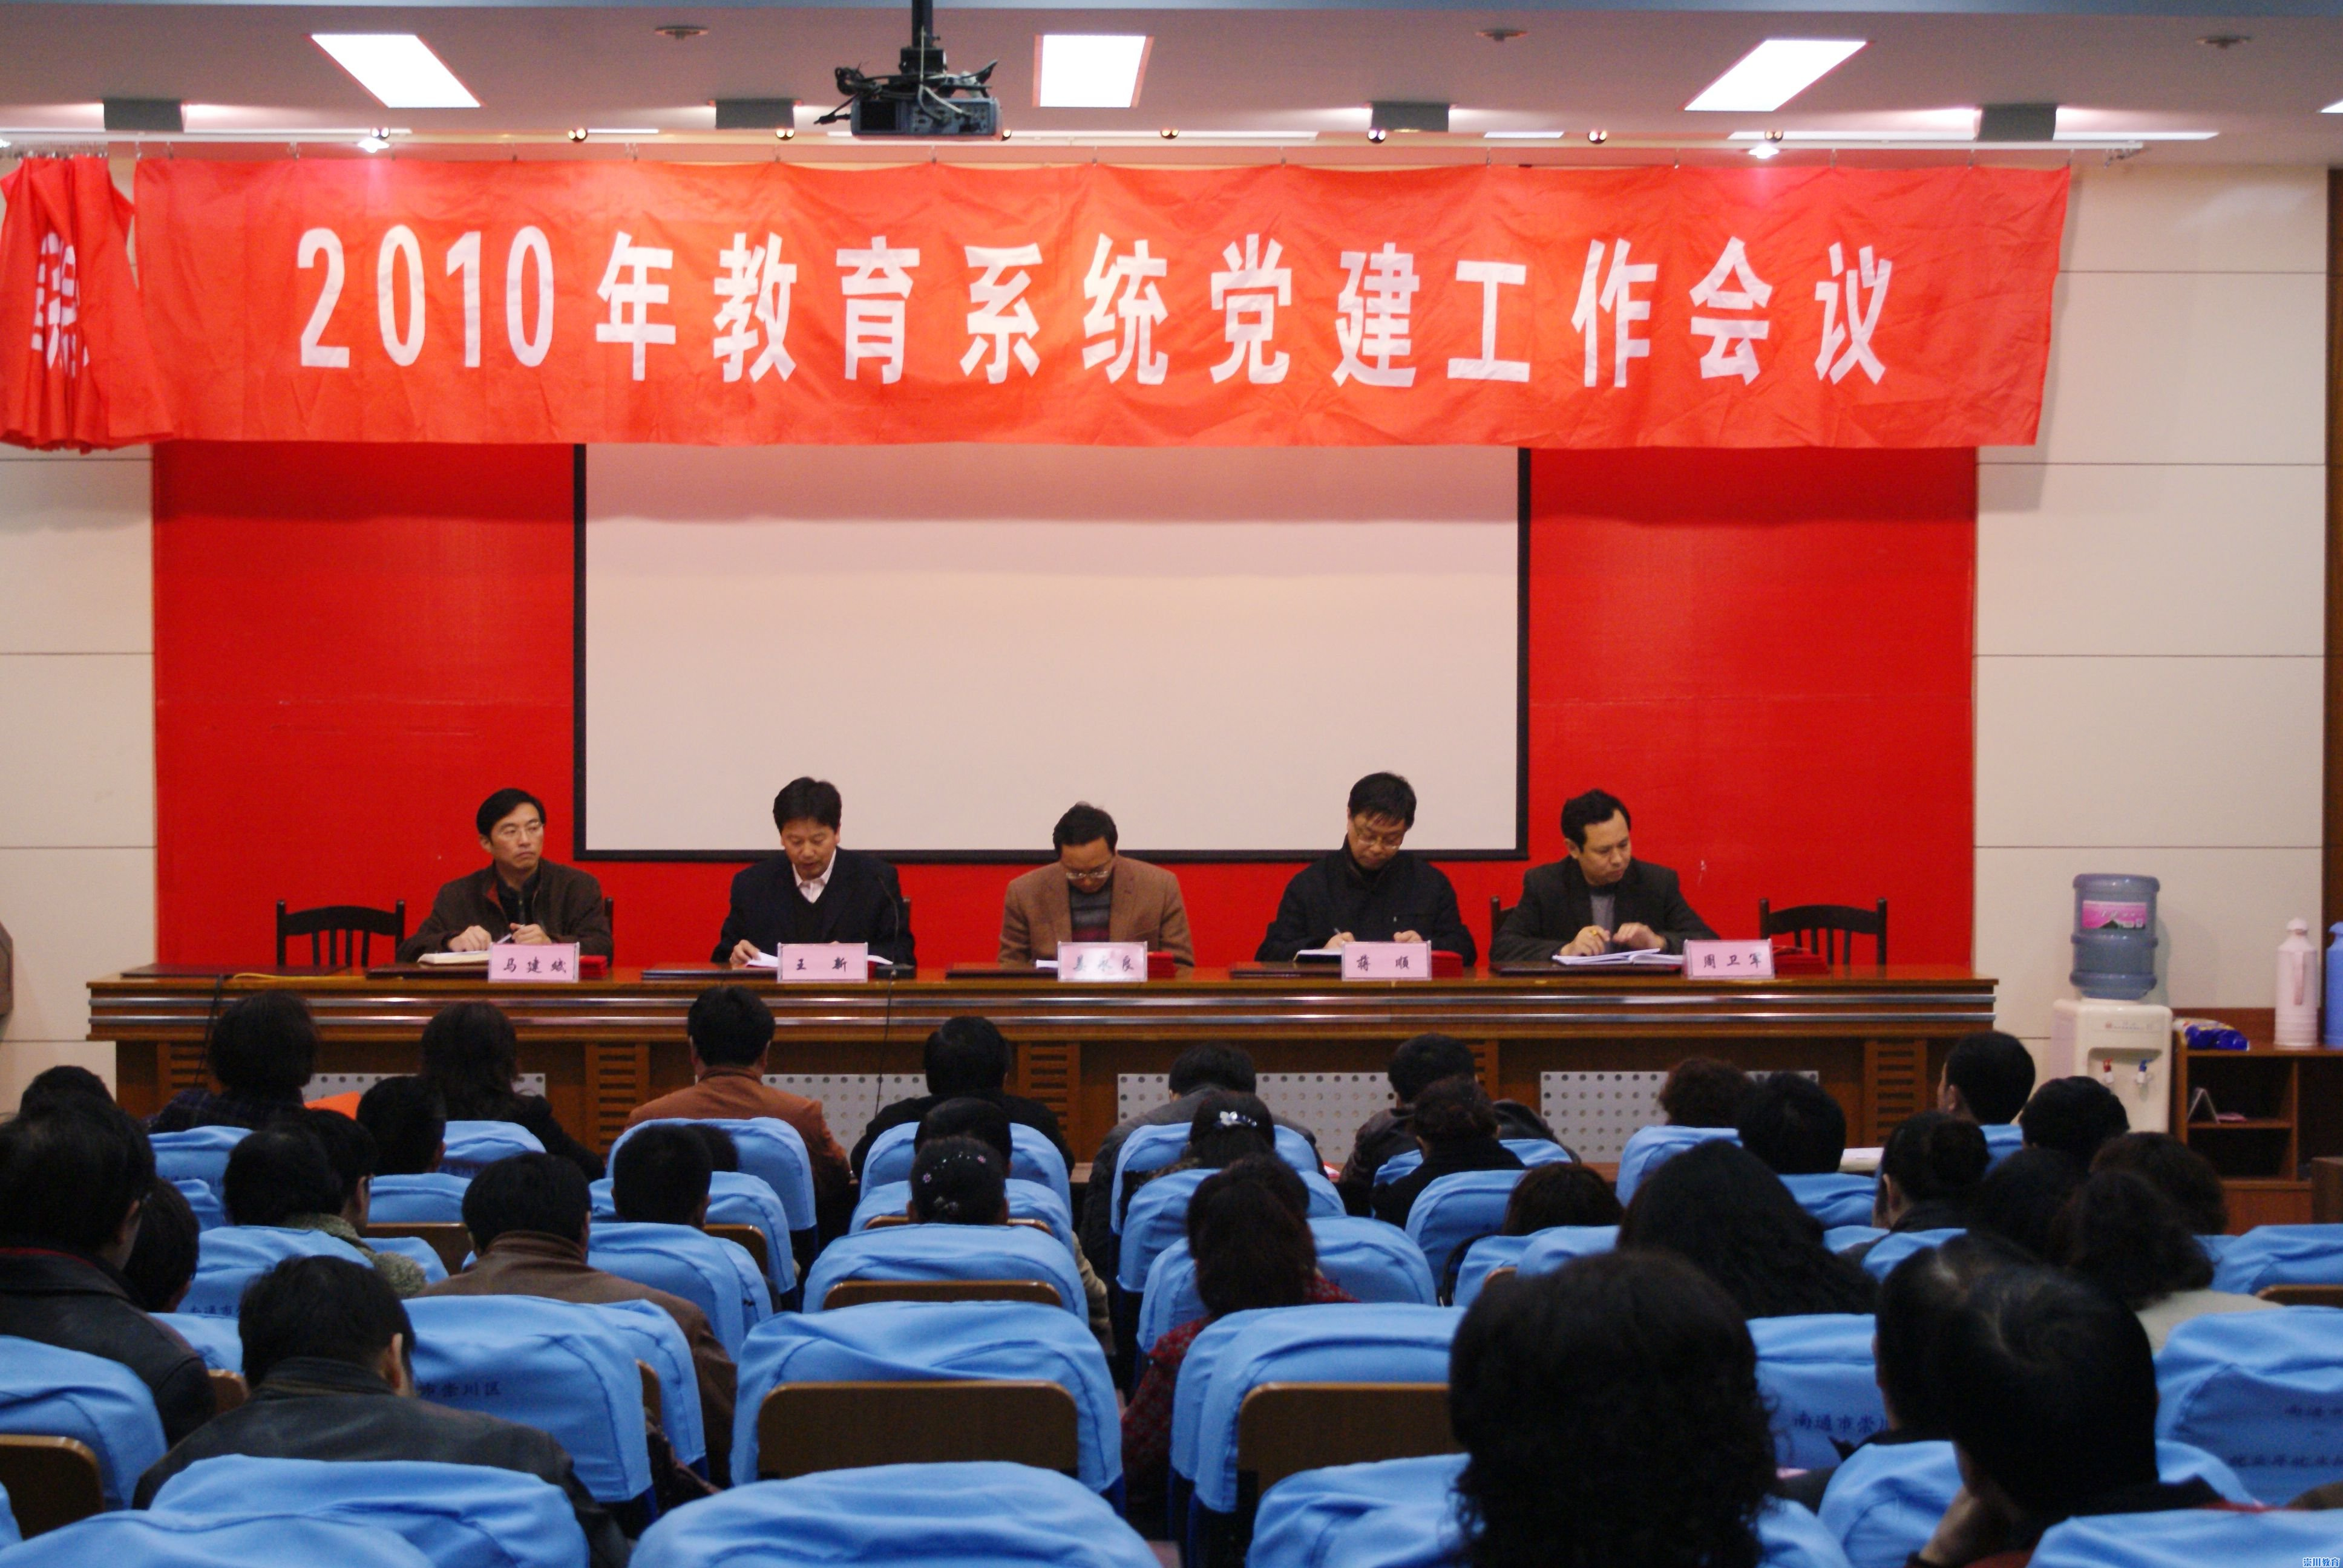 崇川区教育系统召开党建工作大会